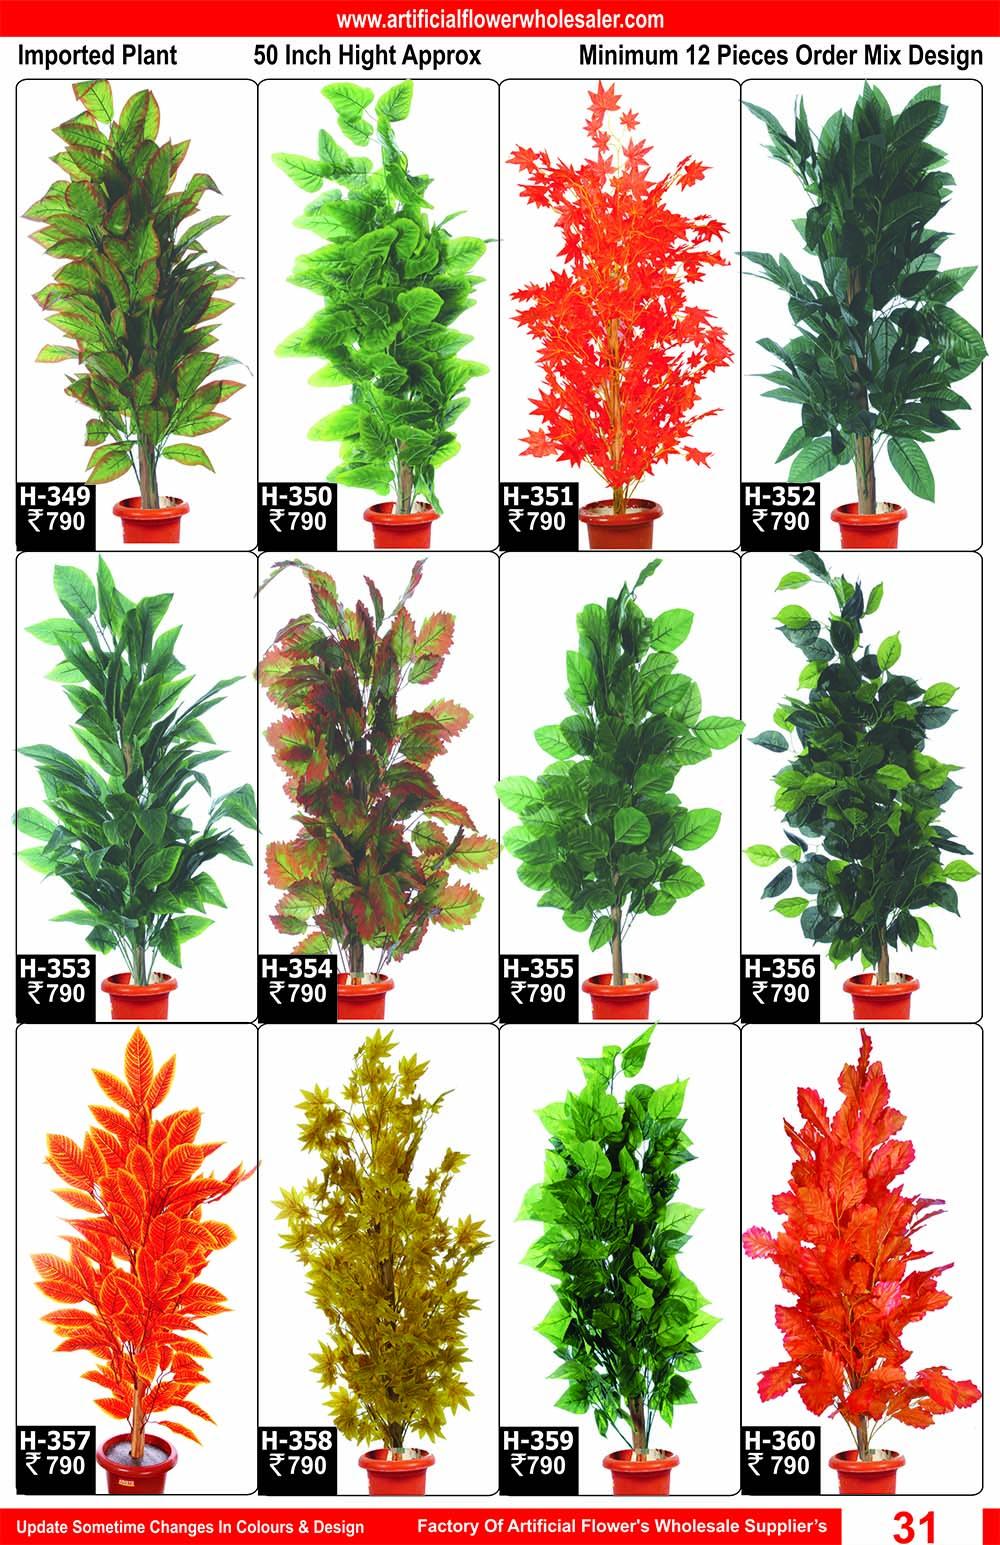 31-artificial-flower-wholesaler